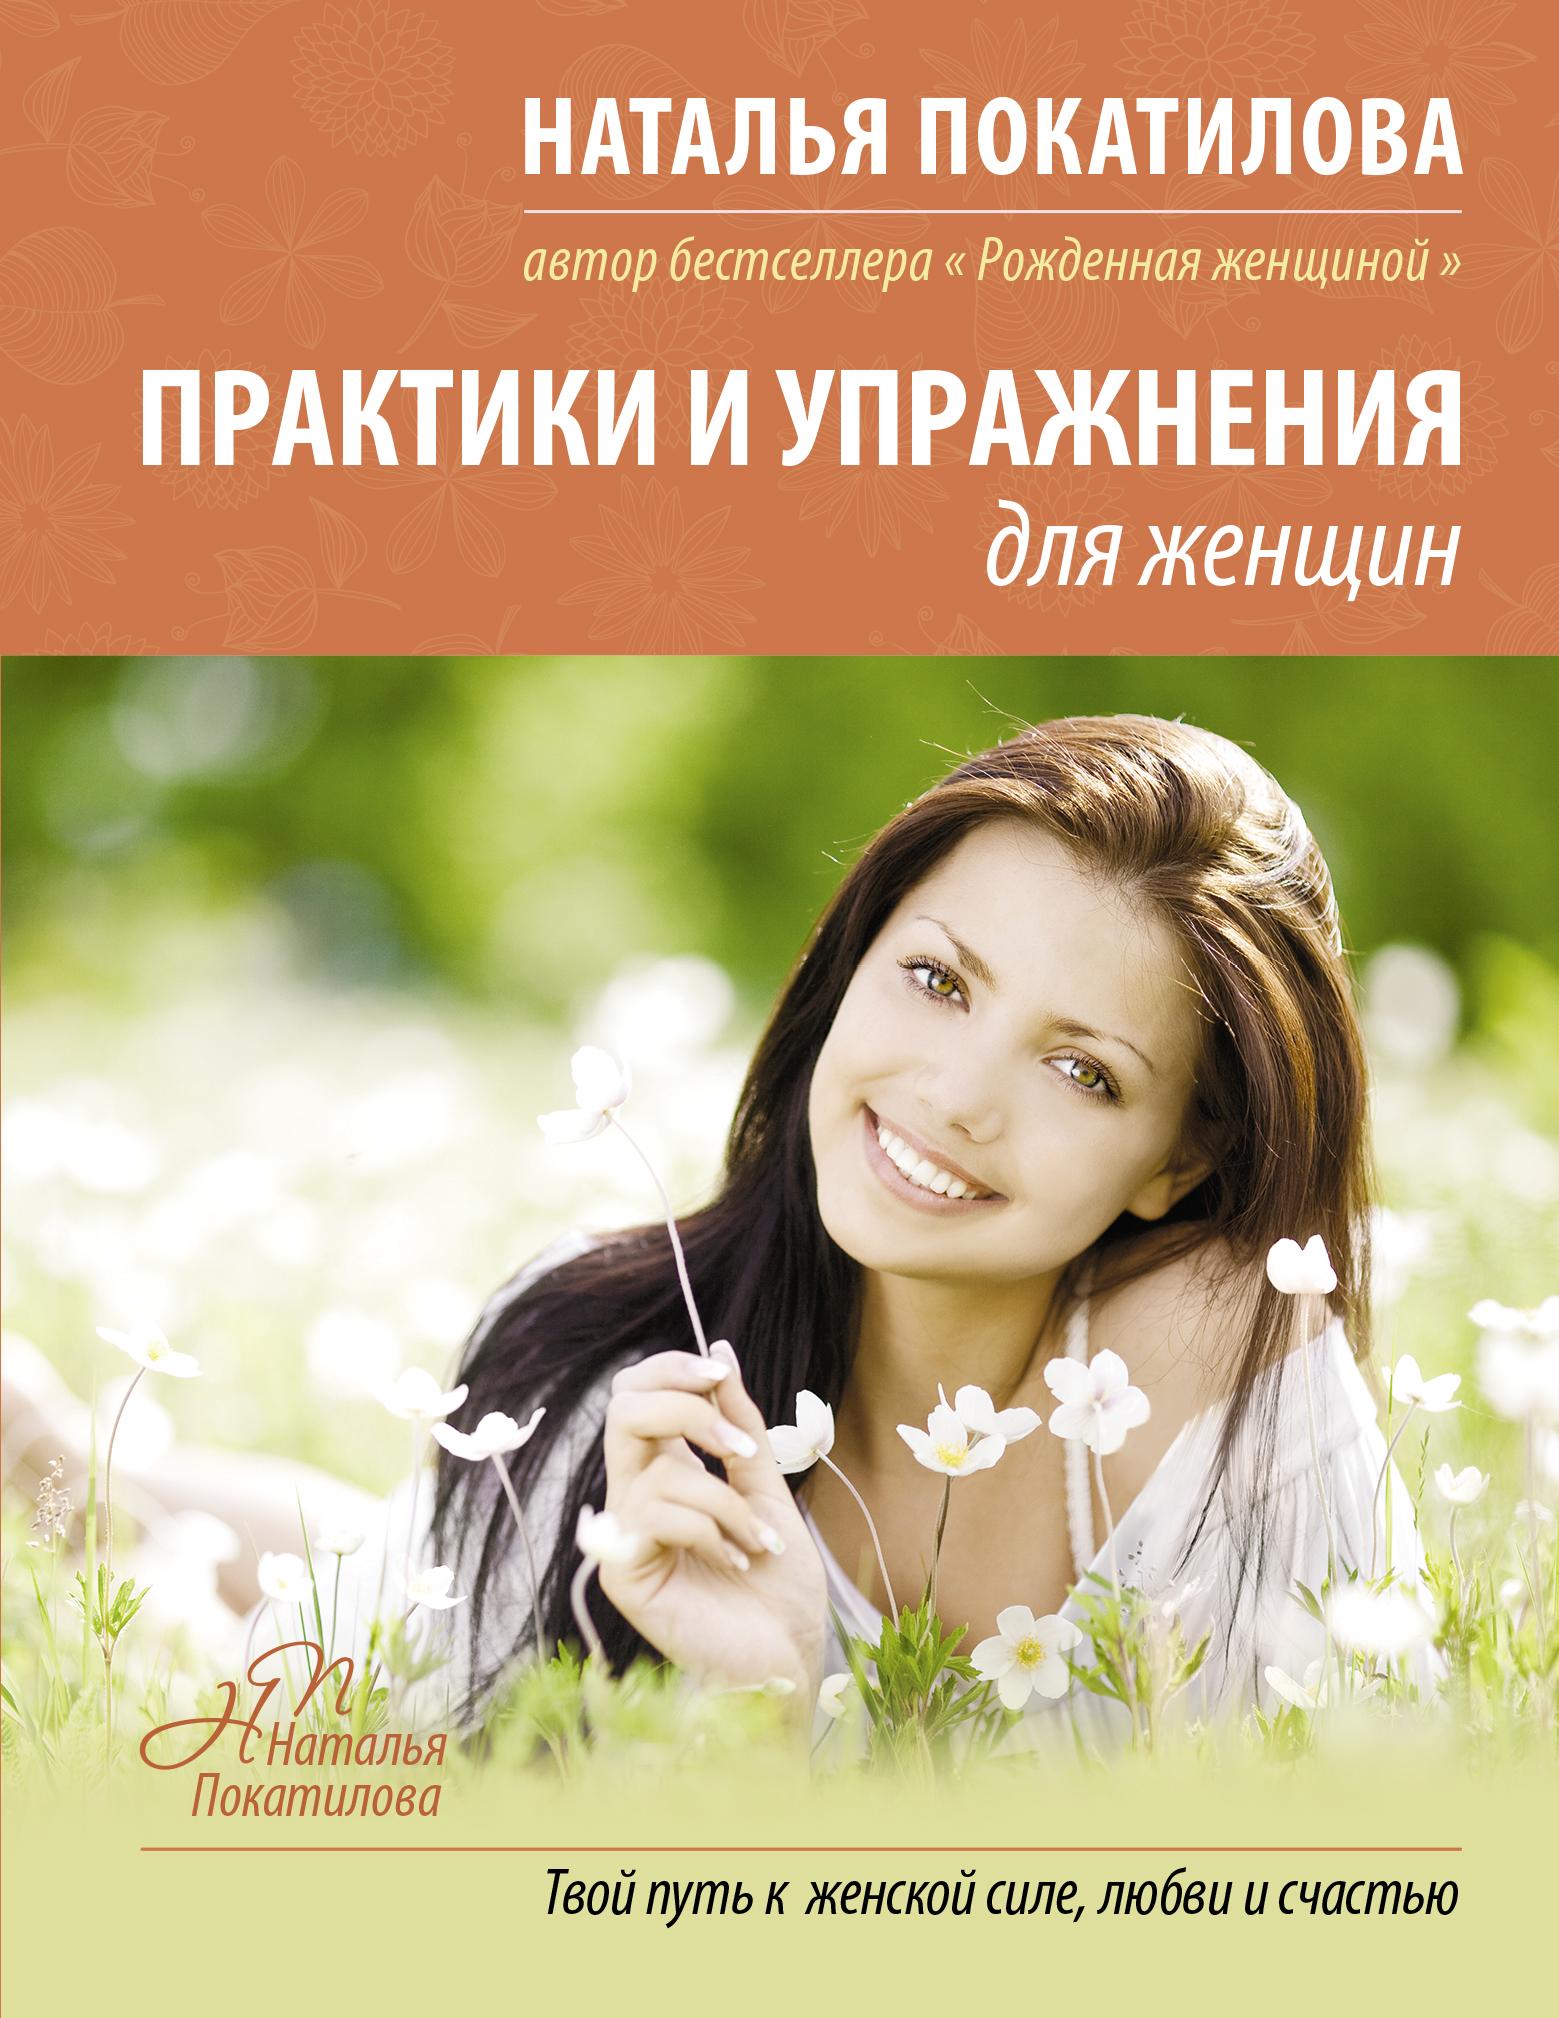 Наталья Покатилова Практики и упражнения для женщин игорь борщенко самые важные упражнения для женщин в пошаговых фотографиях